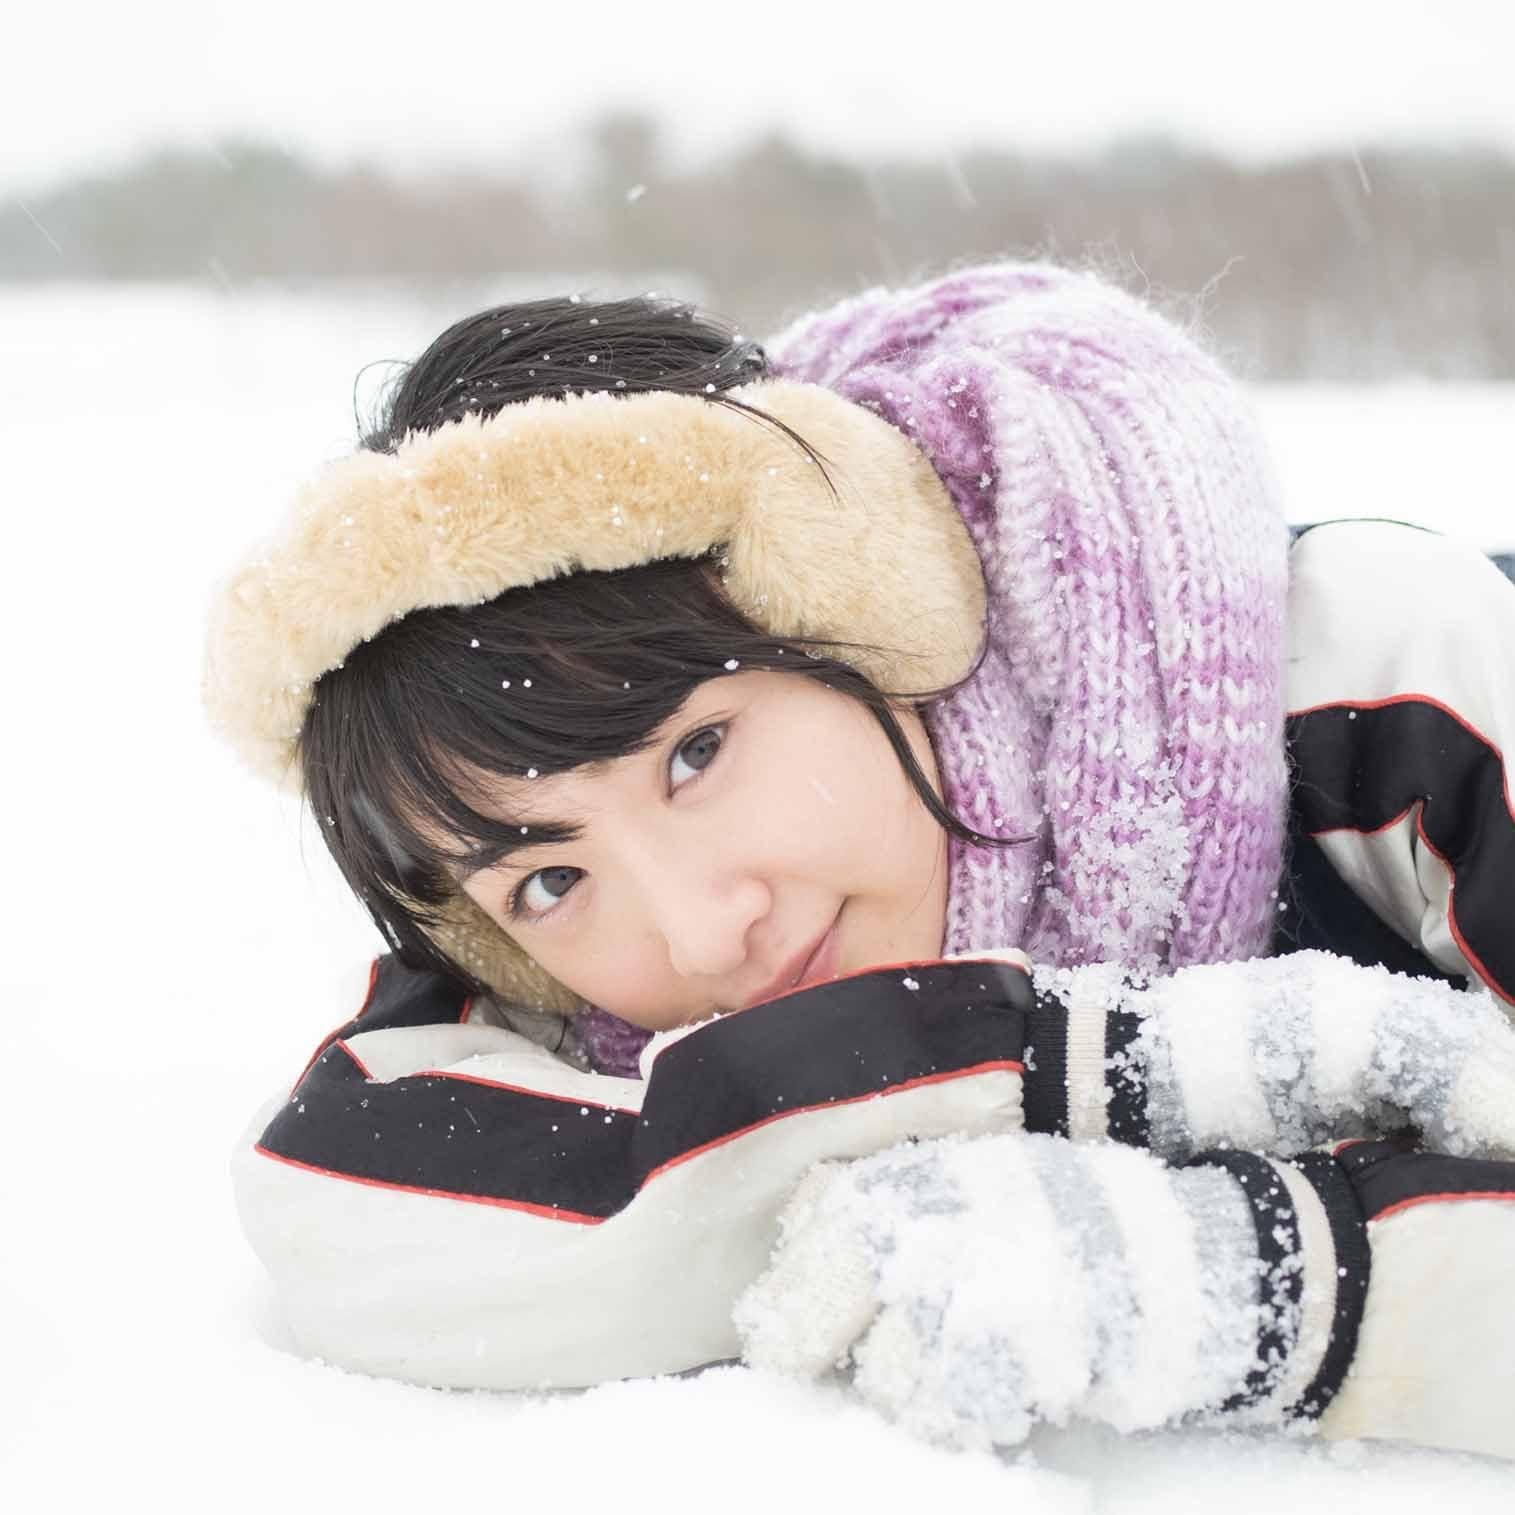 乃木坂46 生駒里奈ファースト写真集『君の足跡』 雪の上で寝る iPad壁紙 画像47449 スマポ